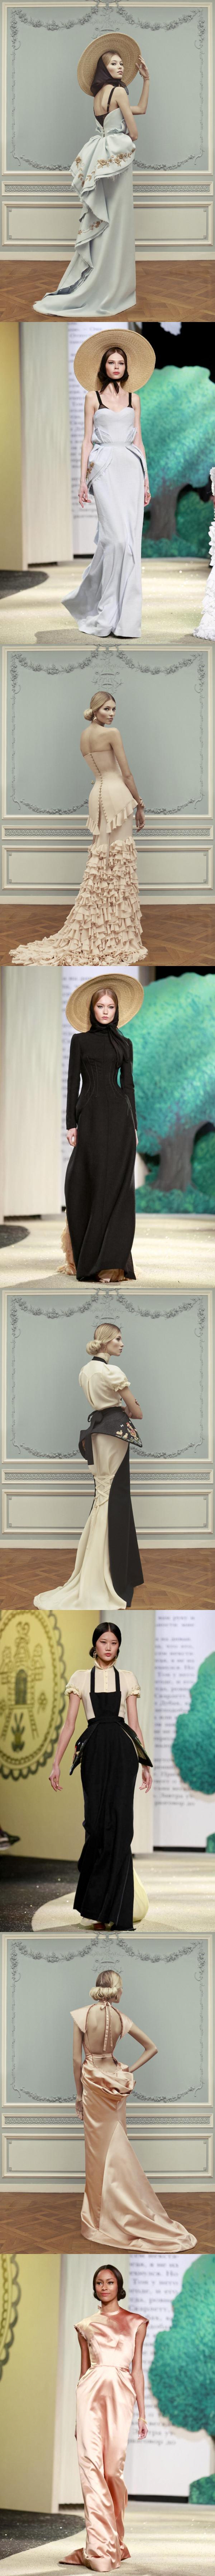 Les robes de soirée longues issues de la collection haute couture 2013 d'Ulyana Sergeenko